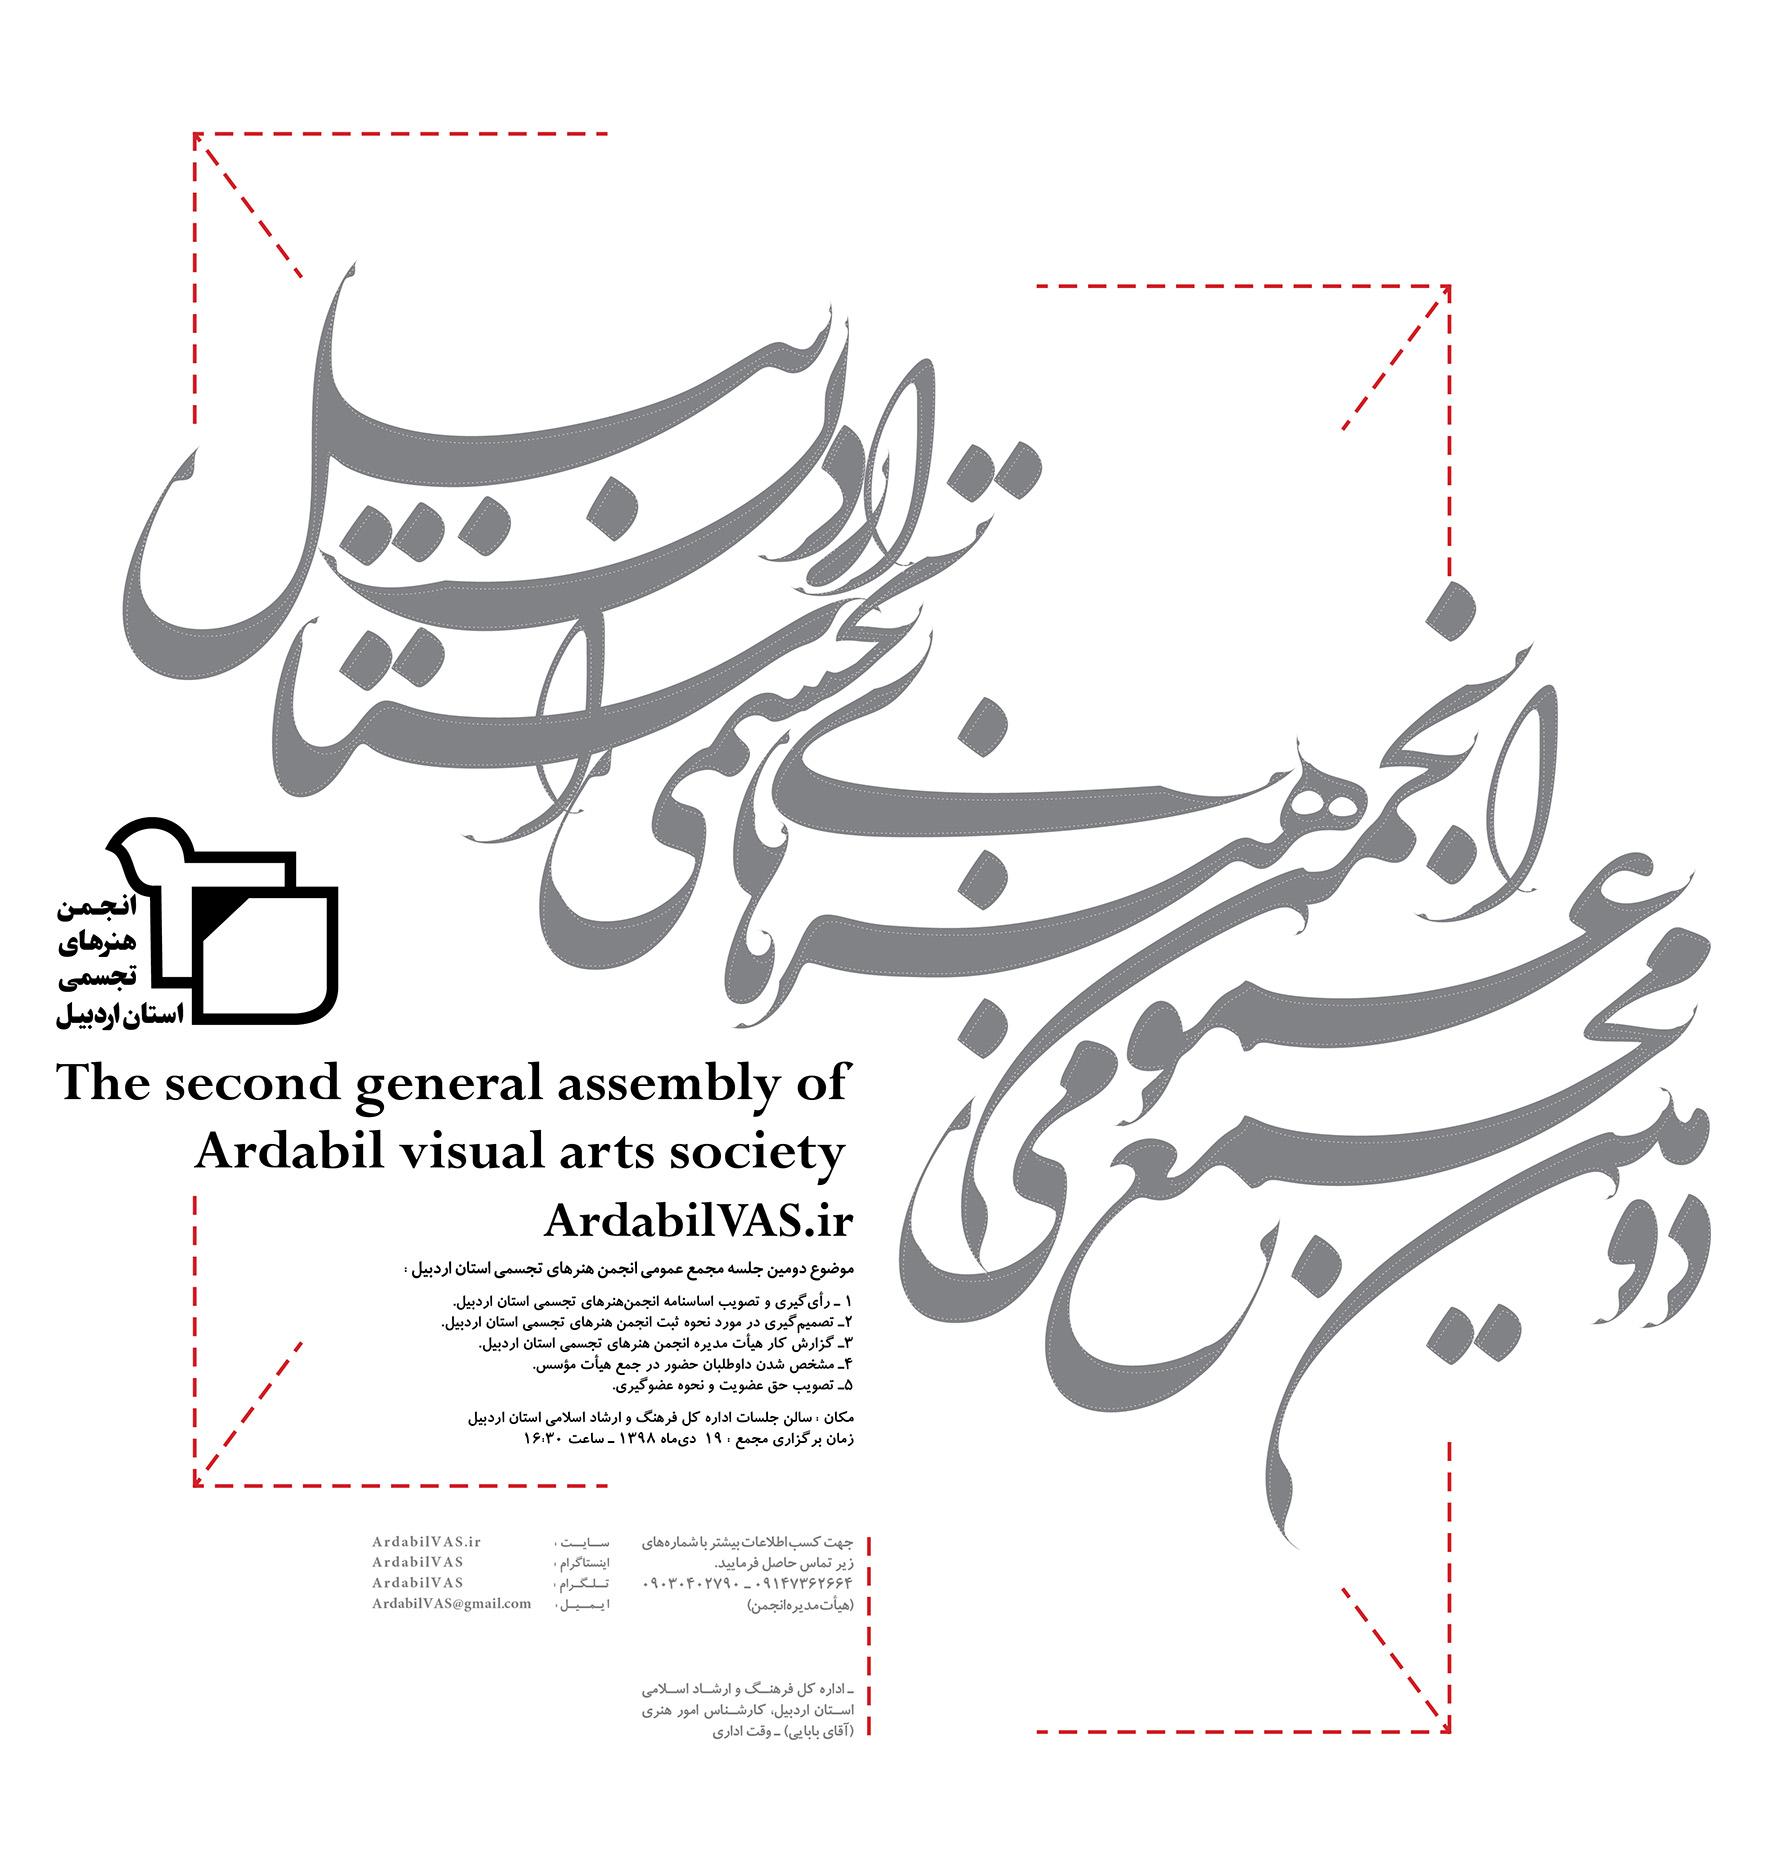 Photo of پنجشنبه ۱۹ دیماه روز برگزاری دومین مجمع عمومی انجمن هنرهای تجسمی استان اردبیل